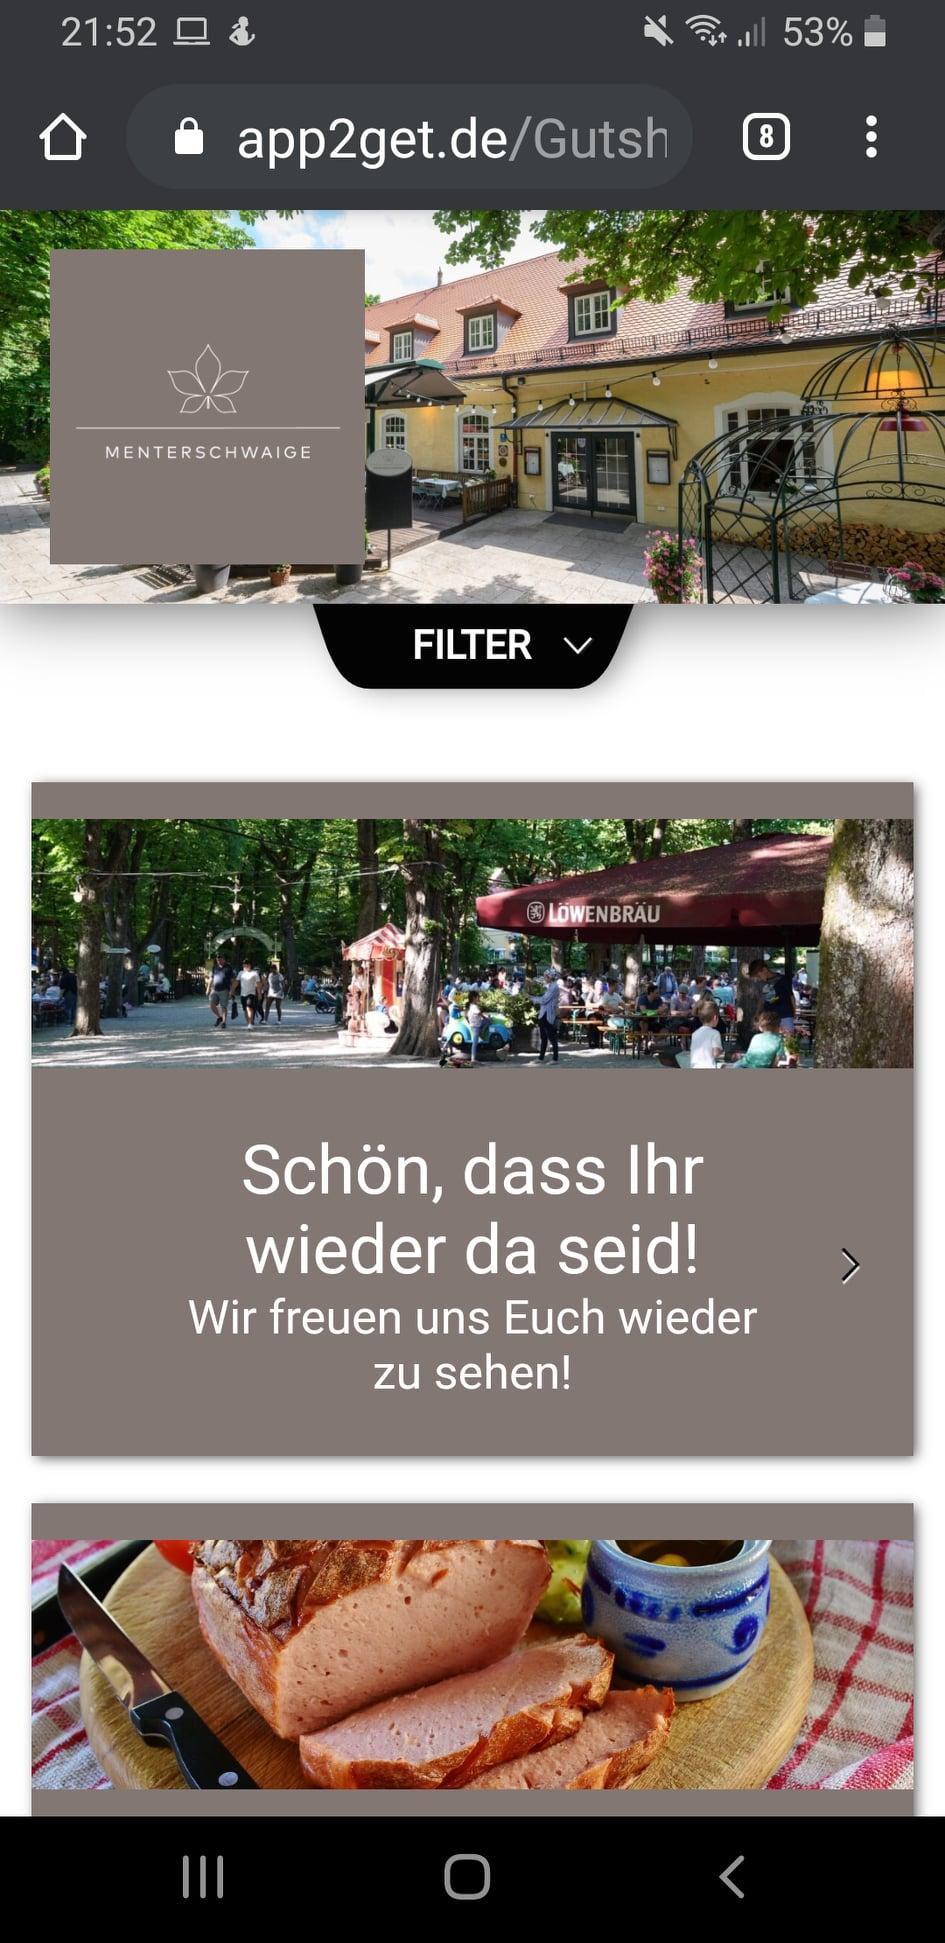 Gutshof-Menterschwaige-app2get